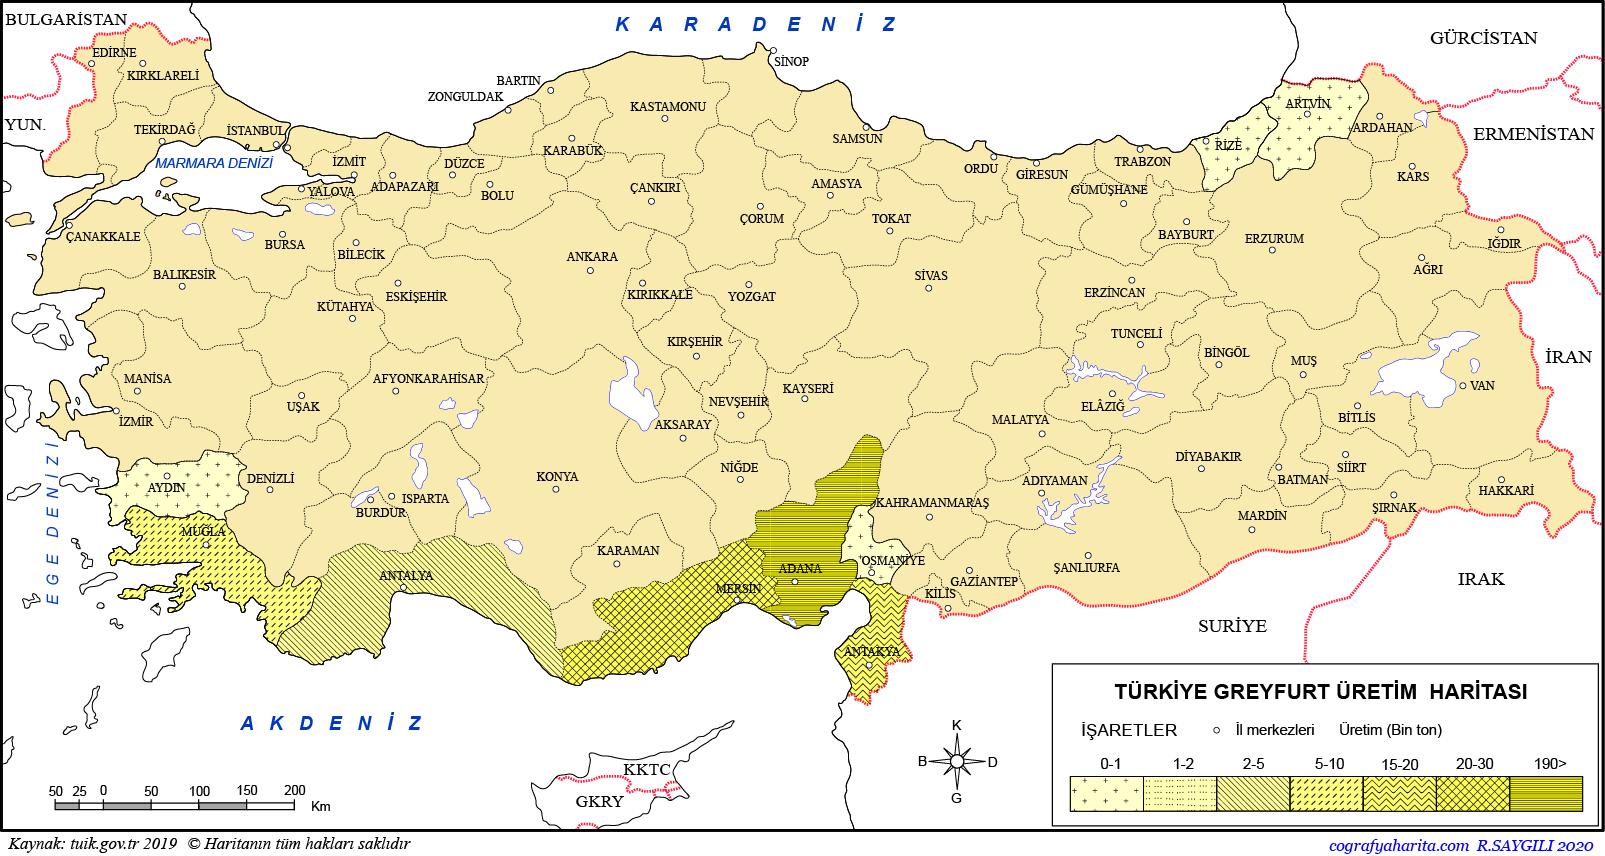 Türkiye Greyfurt Üretim Haritası